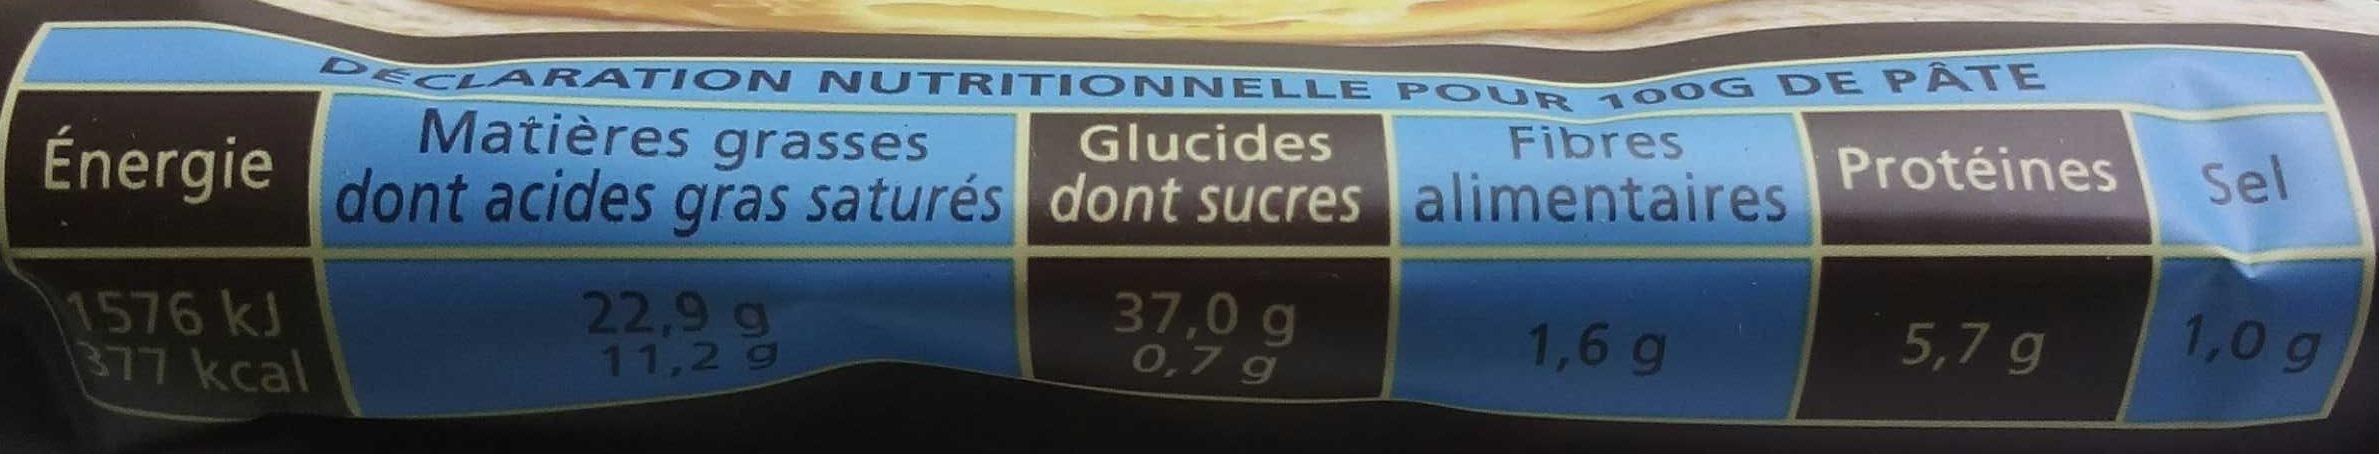 Pâte feuilletée sans additif - Voedingswaarden - fr